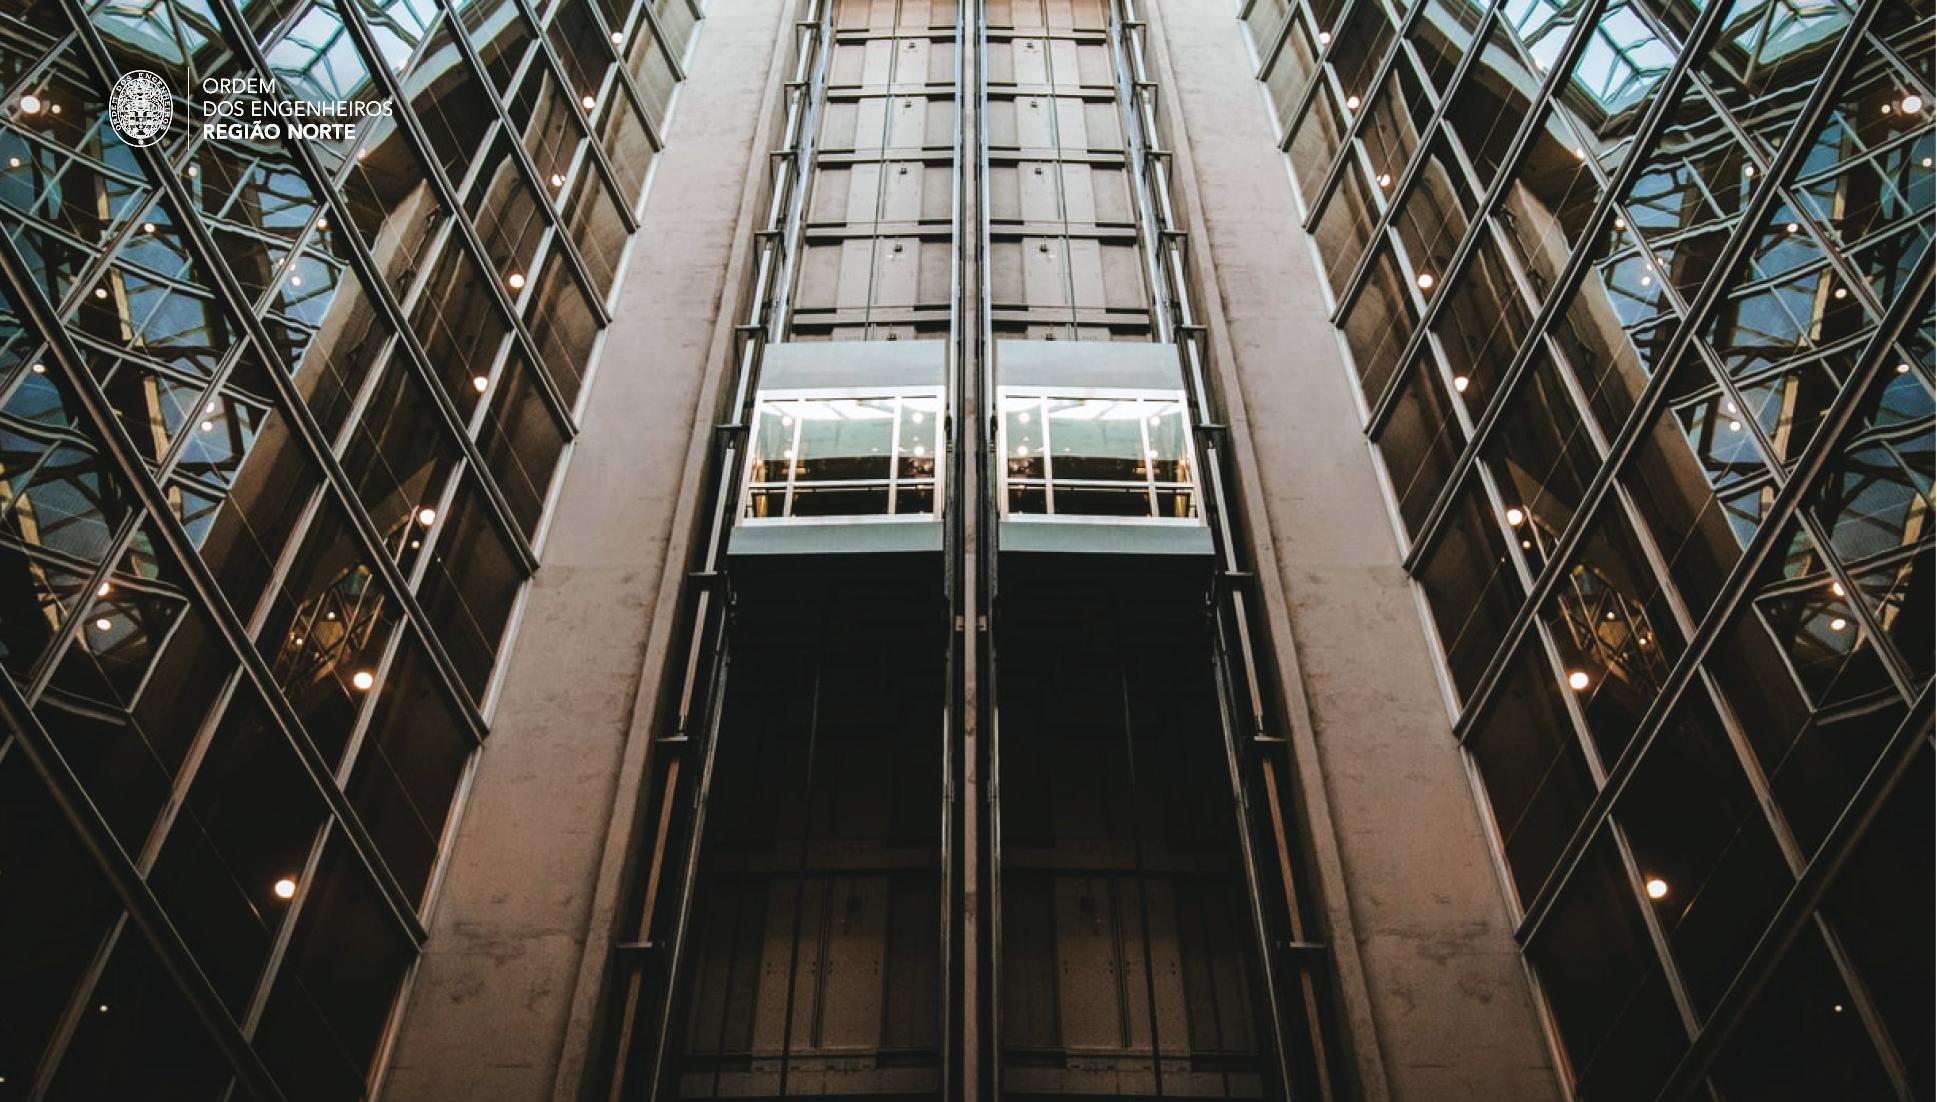 Plataforma Notícias Ordem Engenheiros Região Norte - Ascensores: o transporte vertical indispensável na construção em altura